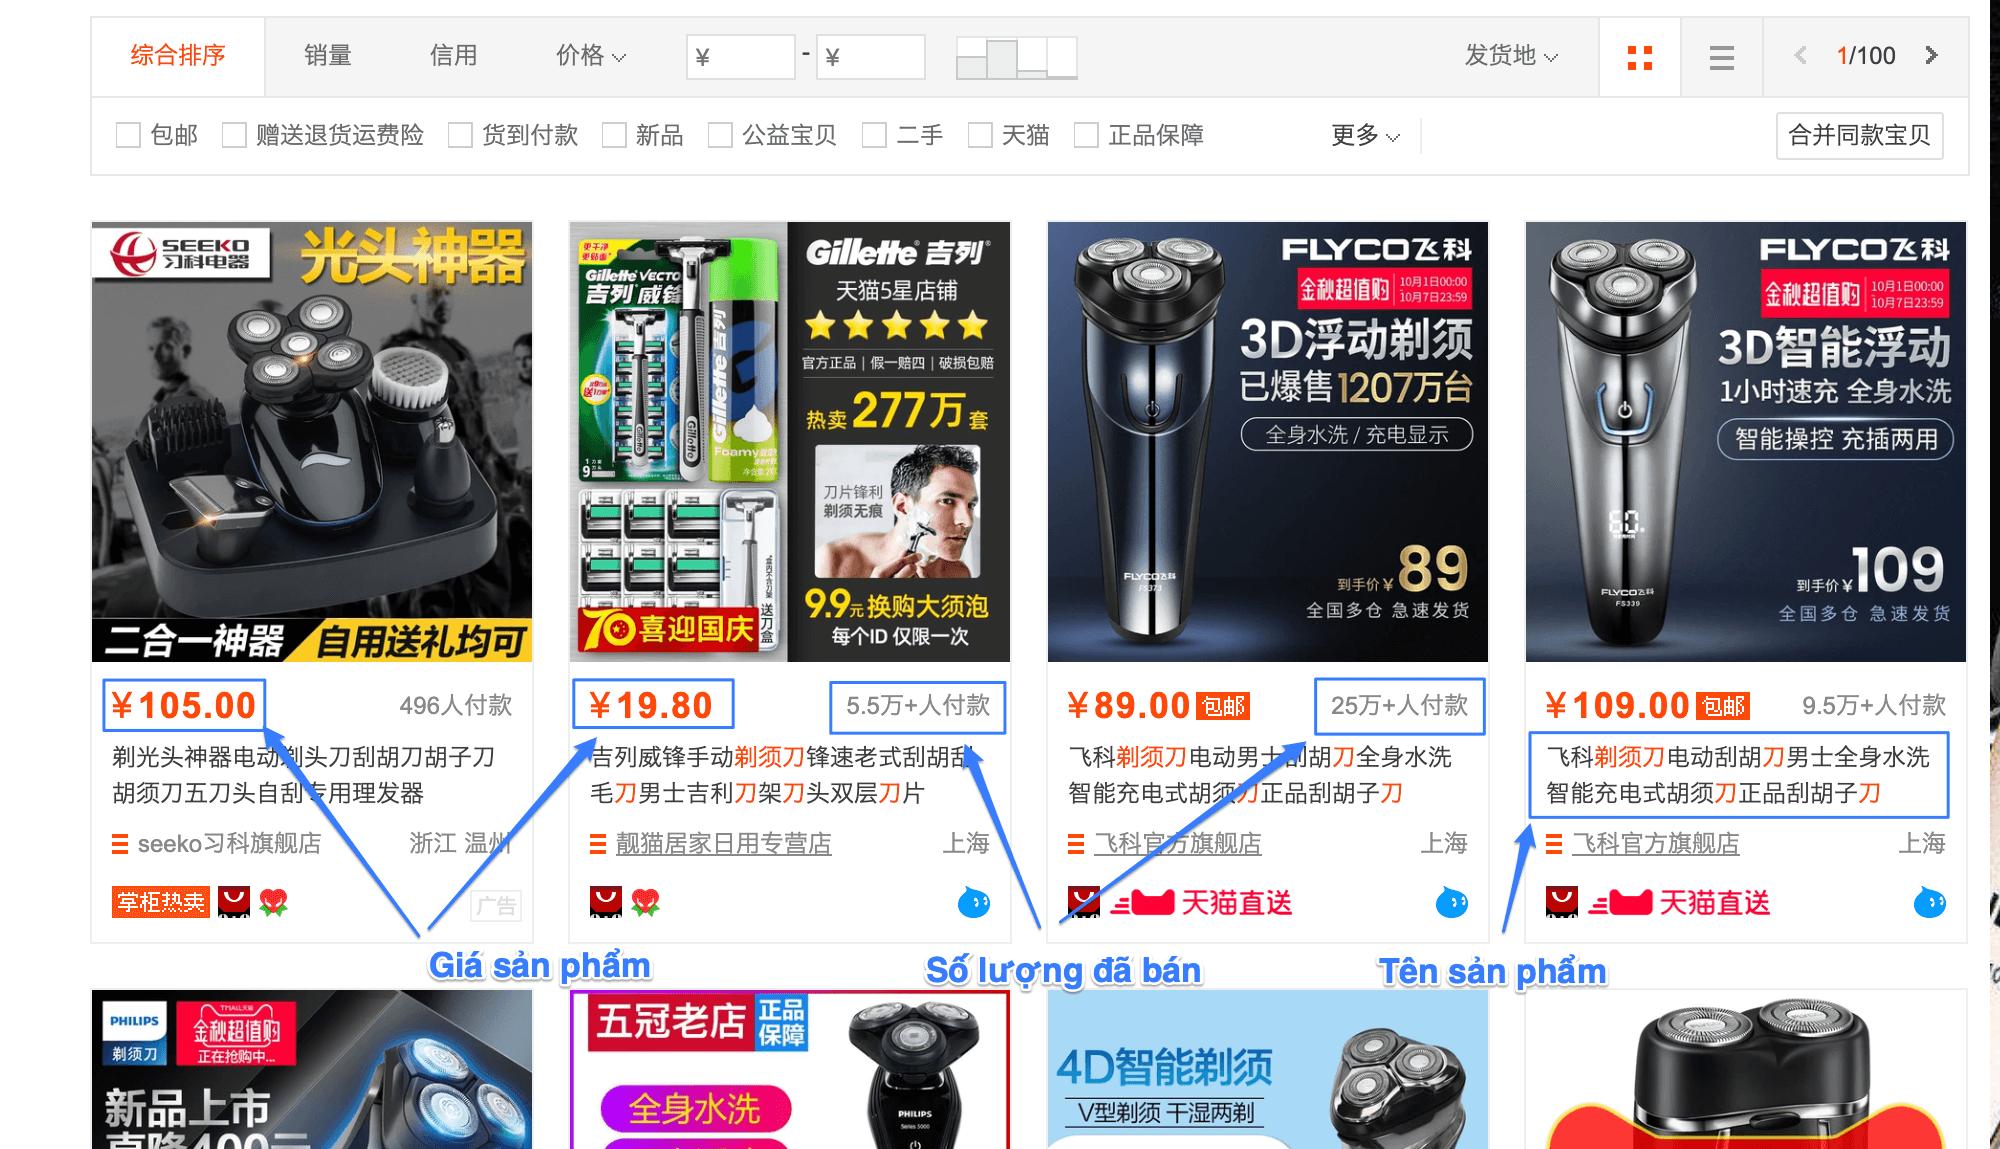 Kết quả tìm kiếm sản phẩm trên Taobao